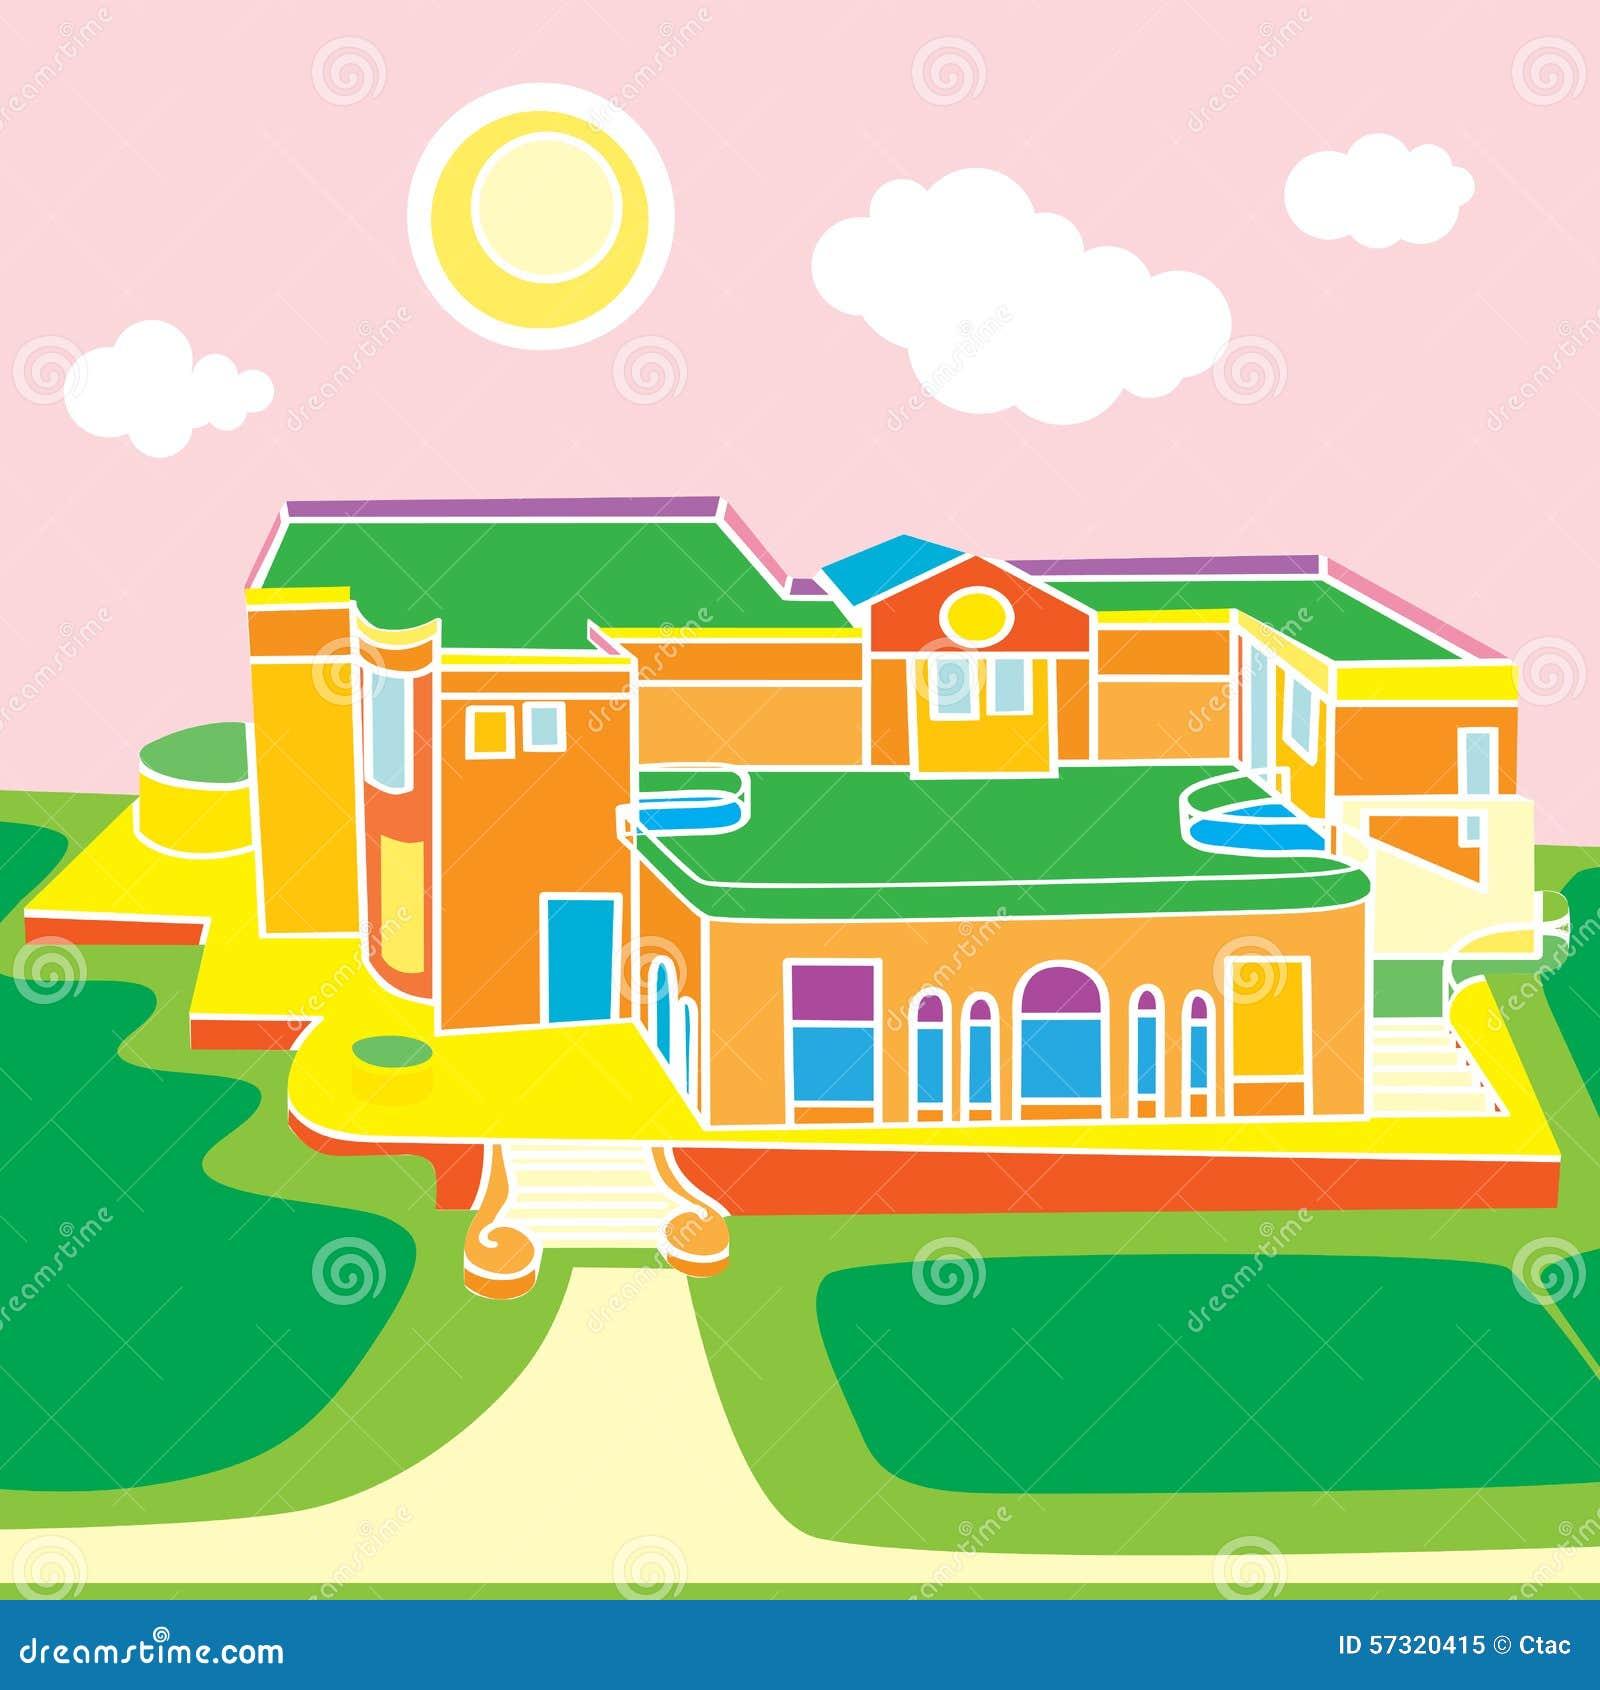 Architecture Cartoon Stock Vector Illustration Of Illustration